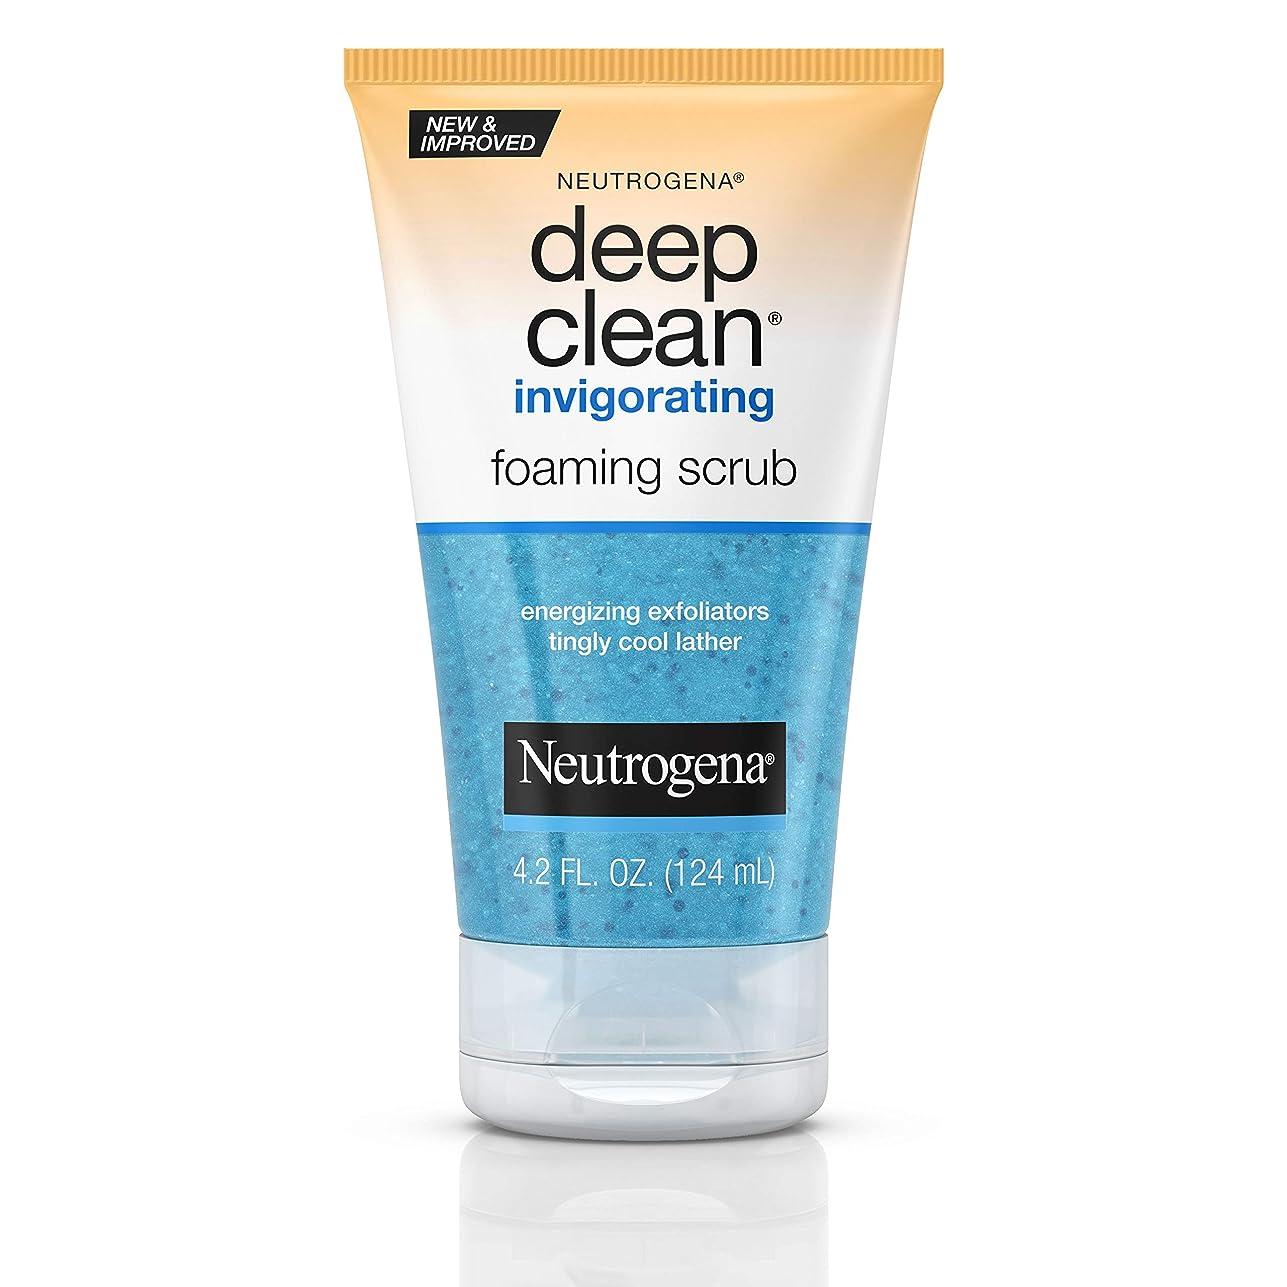 病キャスト問い合わせNeutrogena Deep Clean Invigorating Foaming Scrub ニキビのための皮膚の奥までキレイにする洗顔ジェル125ml